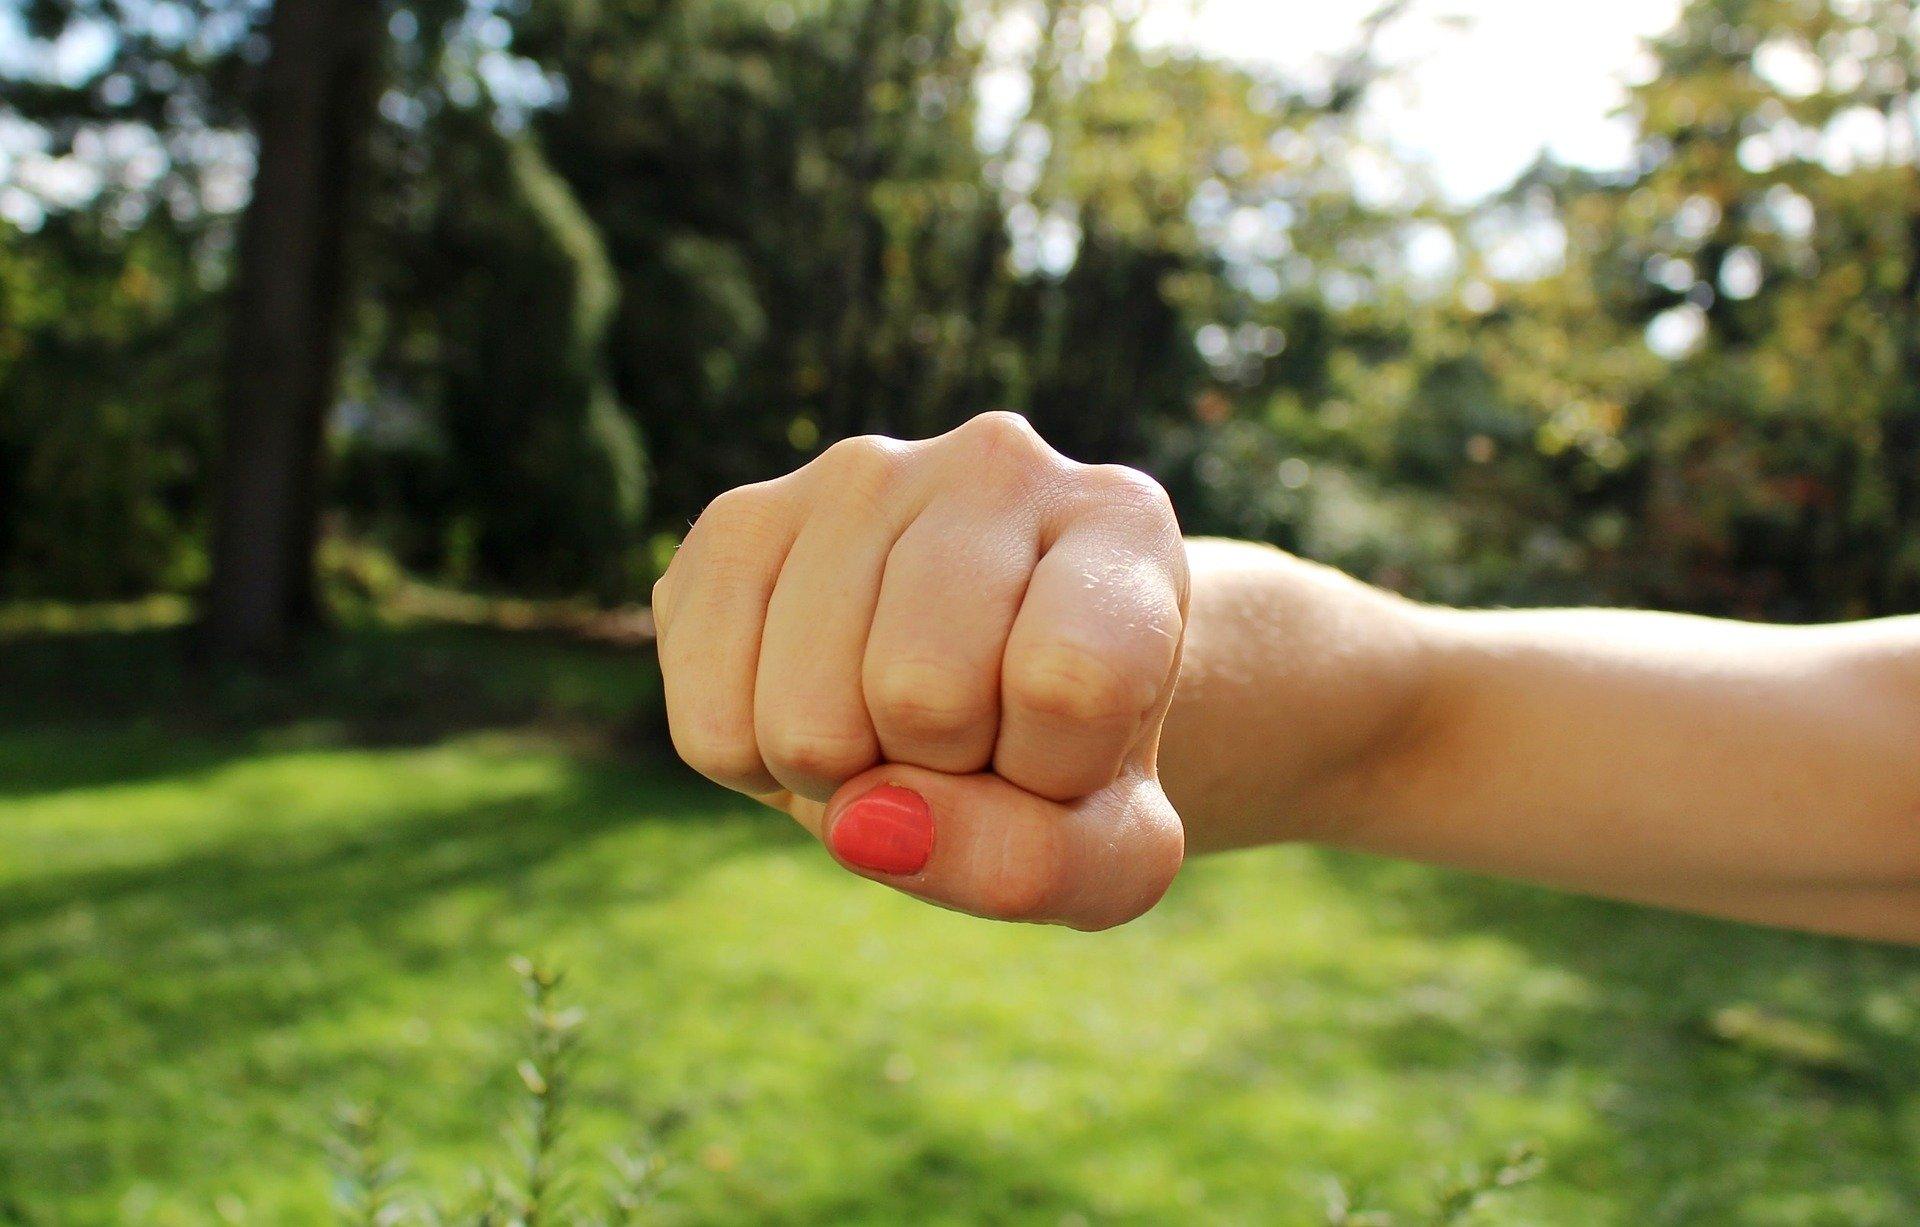 Natychmiastowa izolacja osób stosujących przemoc w rodzinie – nowe regulacje prawne [INFORMACJA]